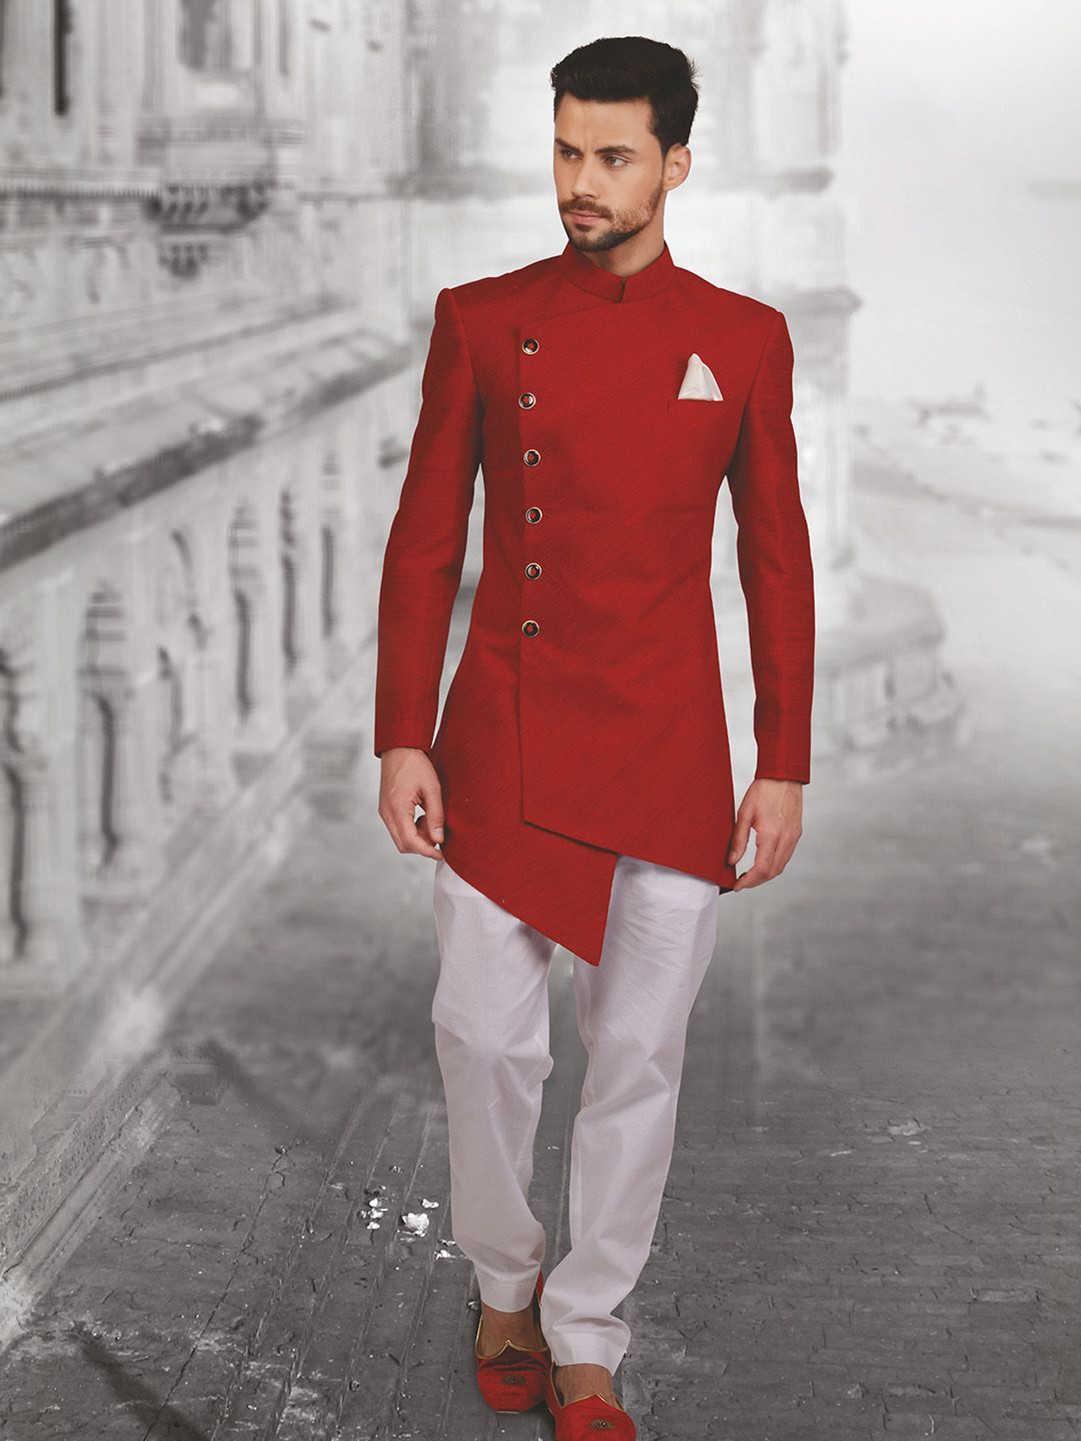 2021 Son Tasarım Uzun Erkek Takım Elbise Hint Düğün Damat Elbise Custom Made Sigara Kırmızı Ceket Pantolon Terno Masculino Düğün Takımları X0909